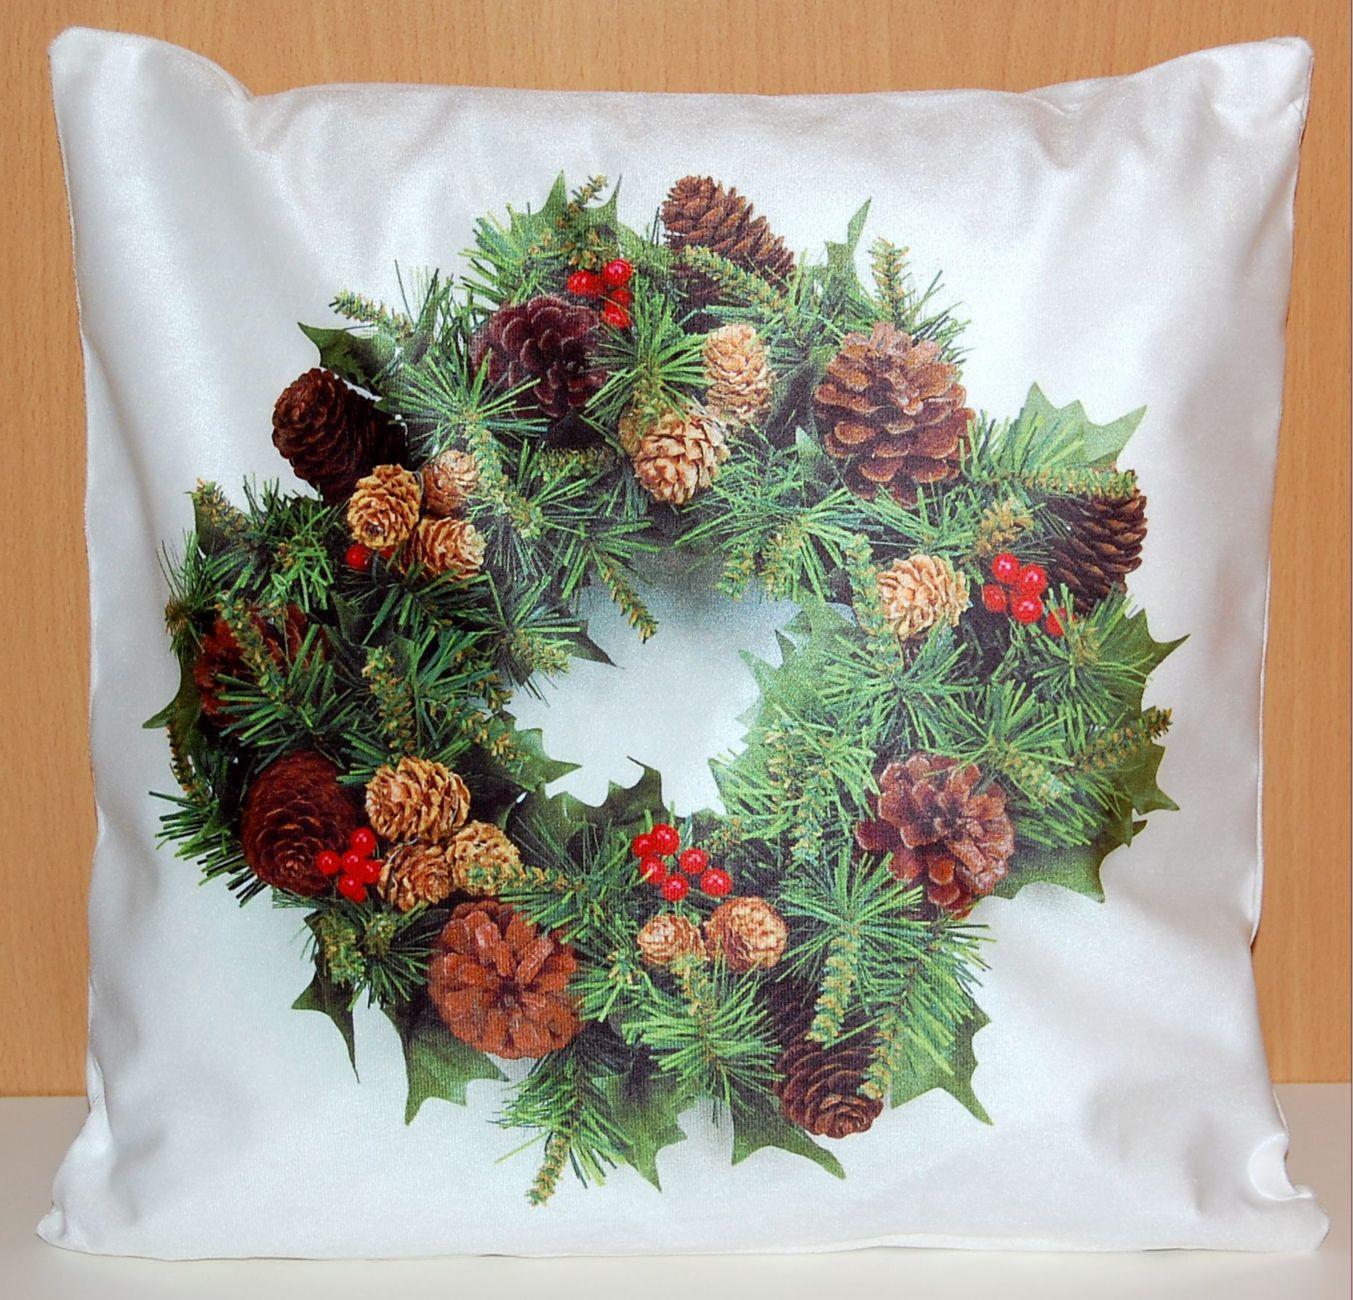 kissenh lle 40x40 cm weich weihnachten dekokissen sofakissen kissenbezug kissen ebay. Black Bedroom Furniture Sets. Home Design Ideas